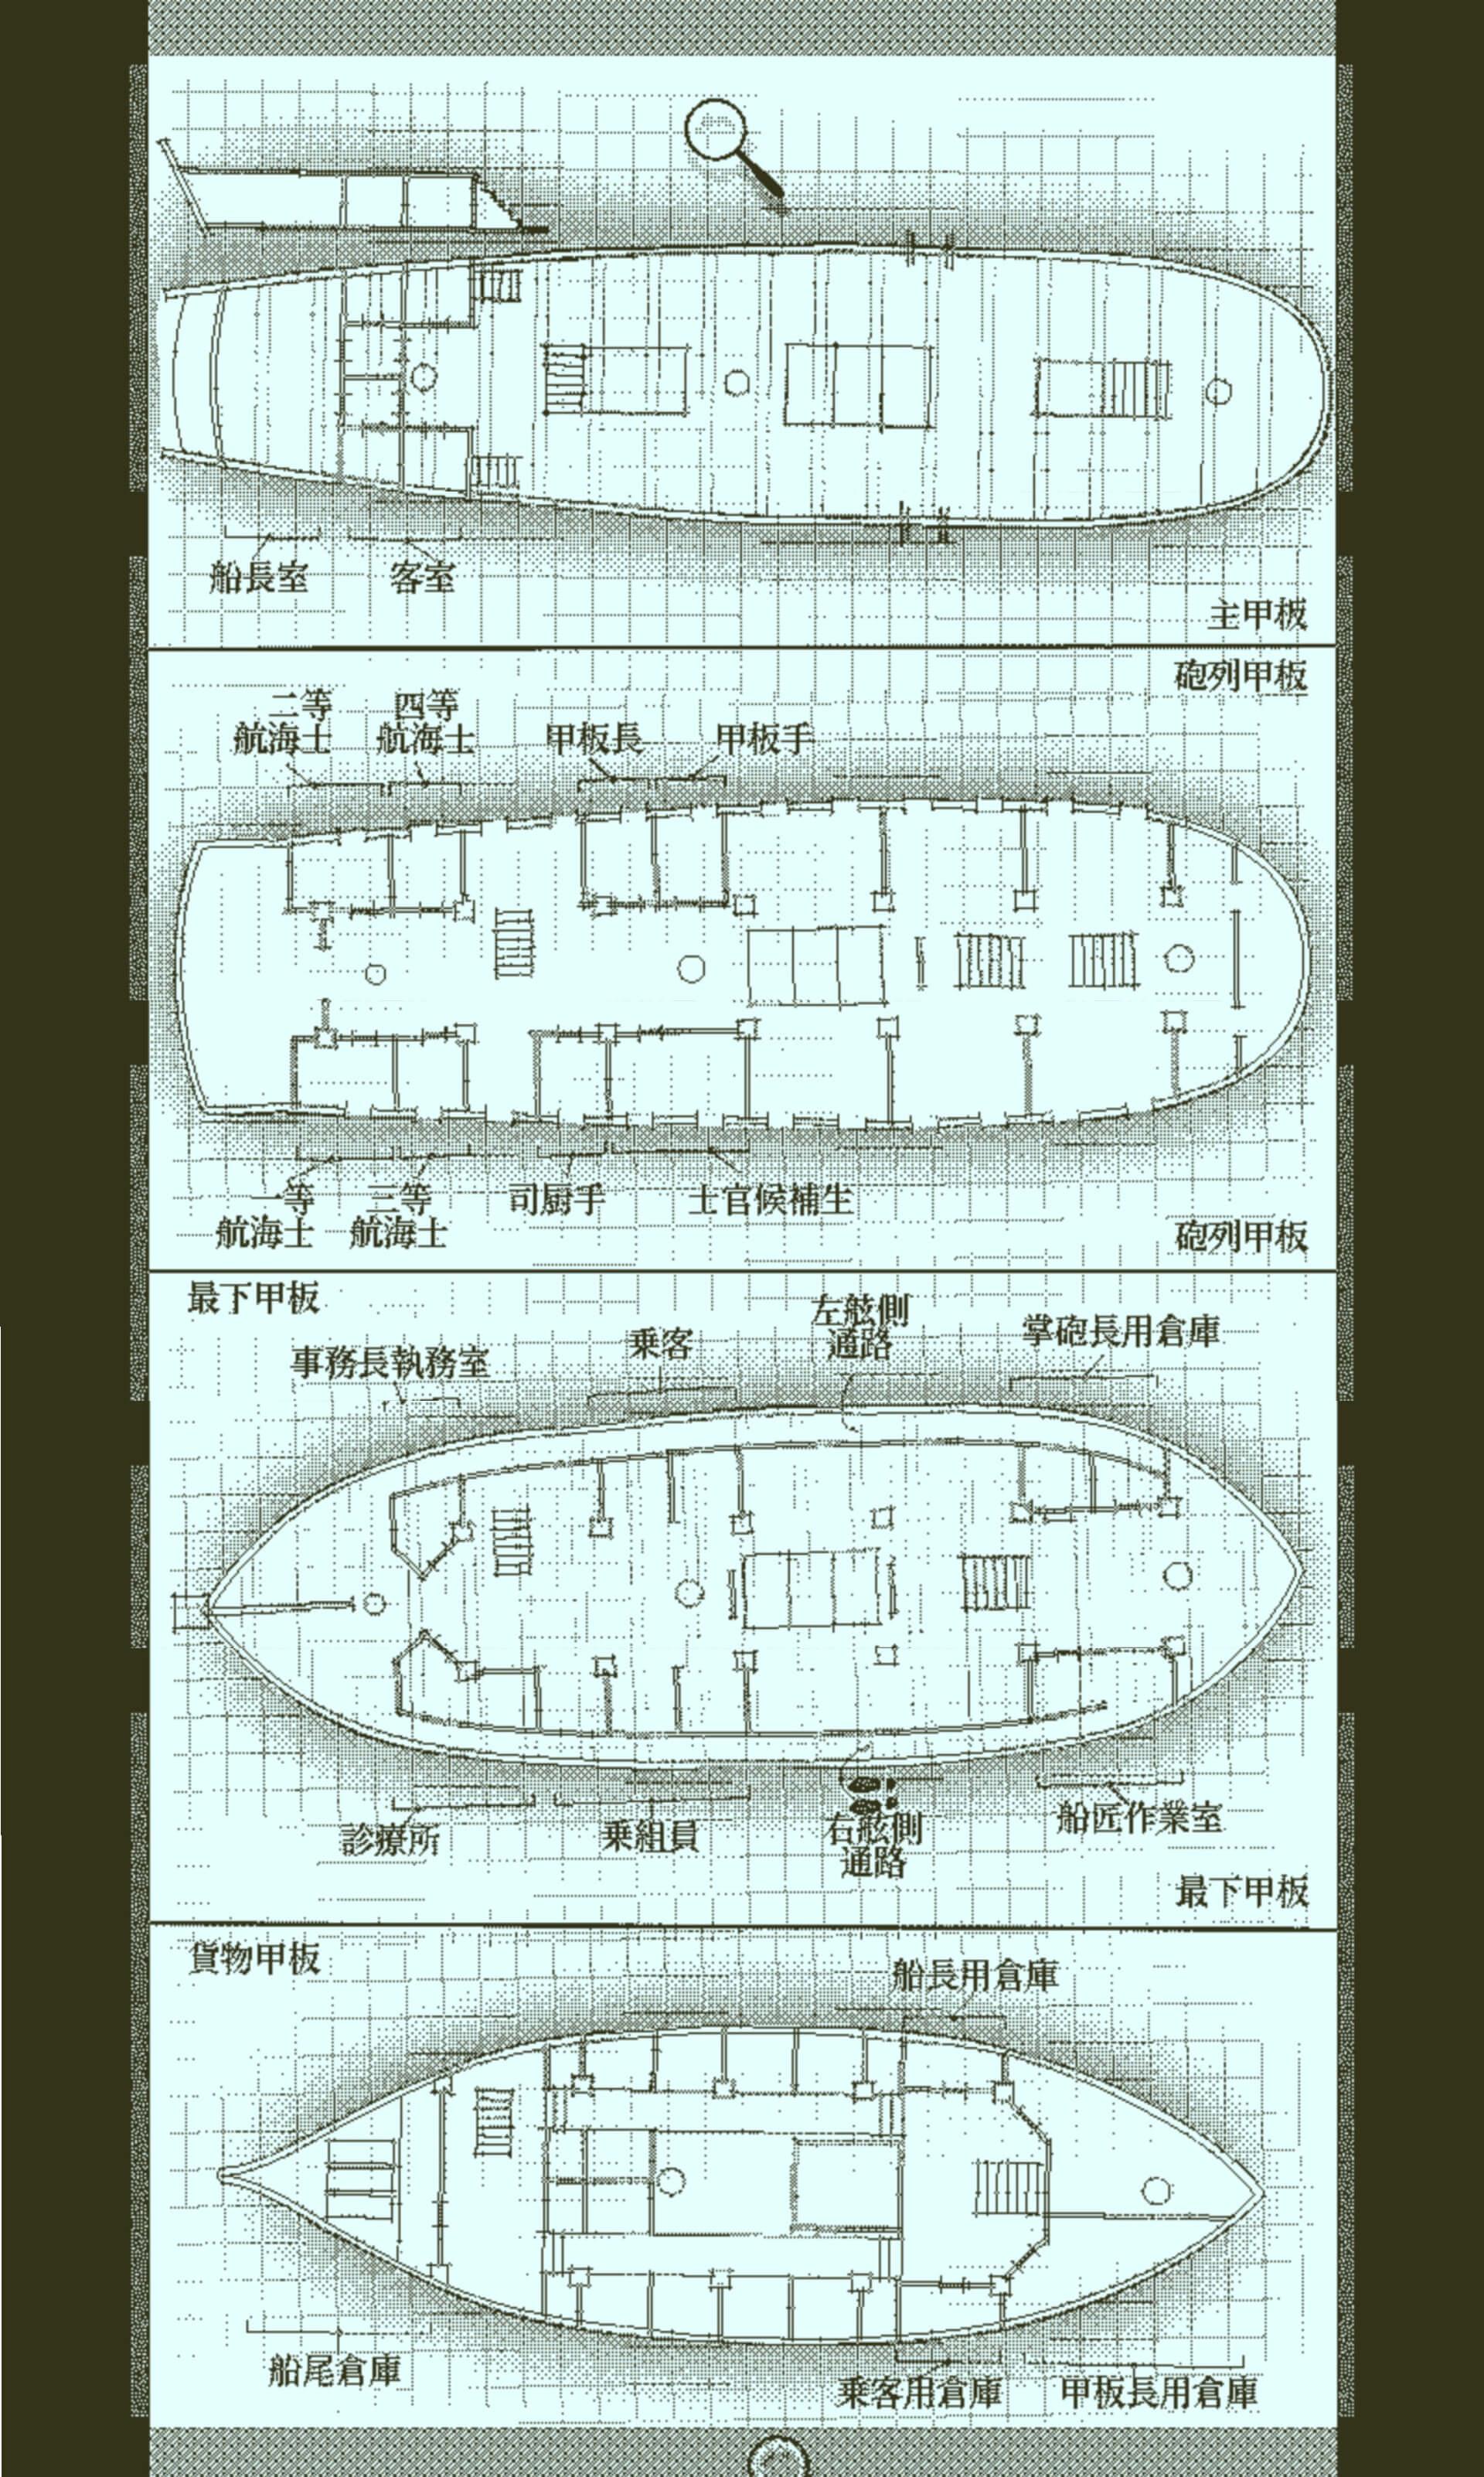 オブラ・ディン号船内図